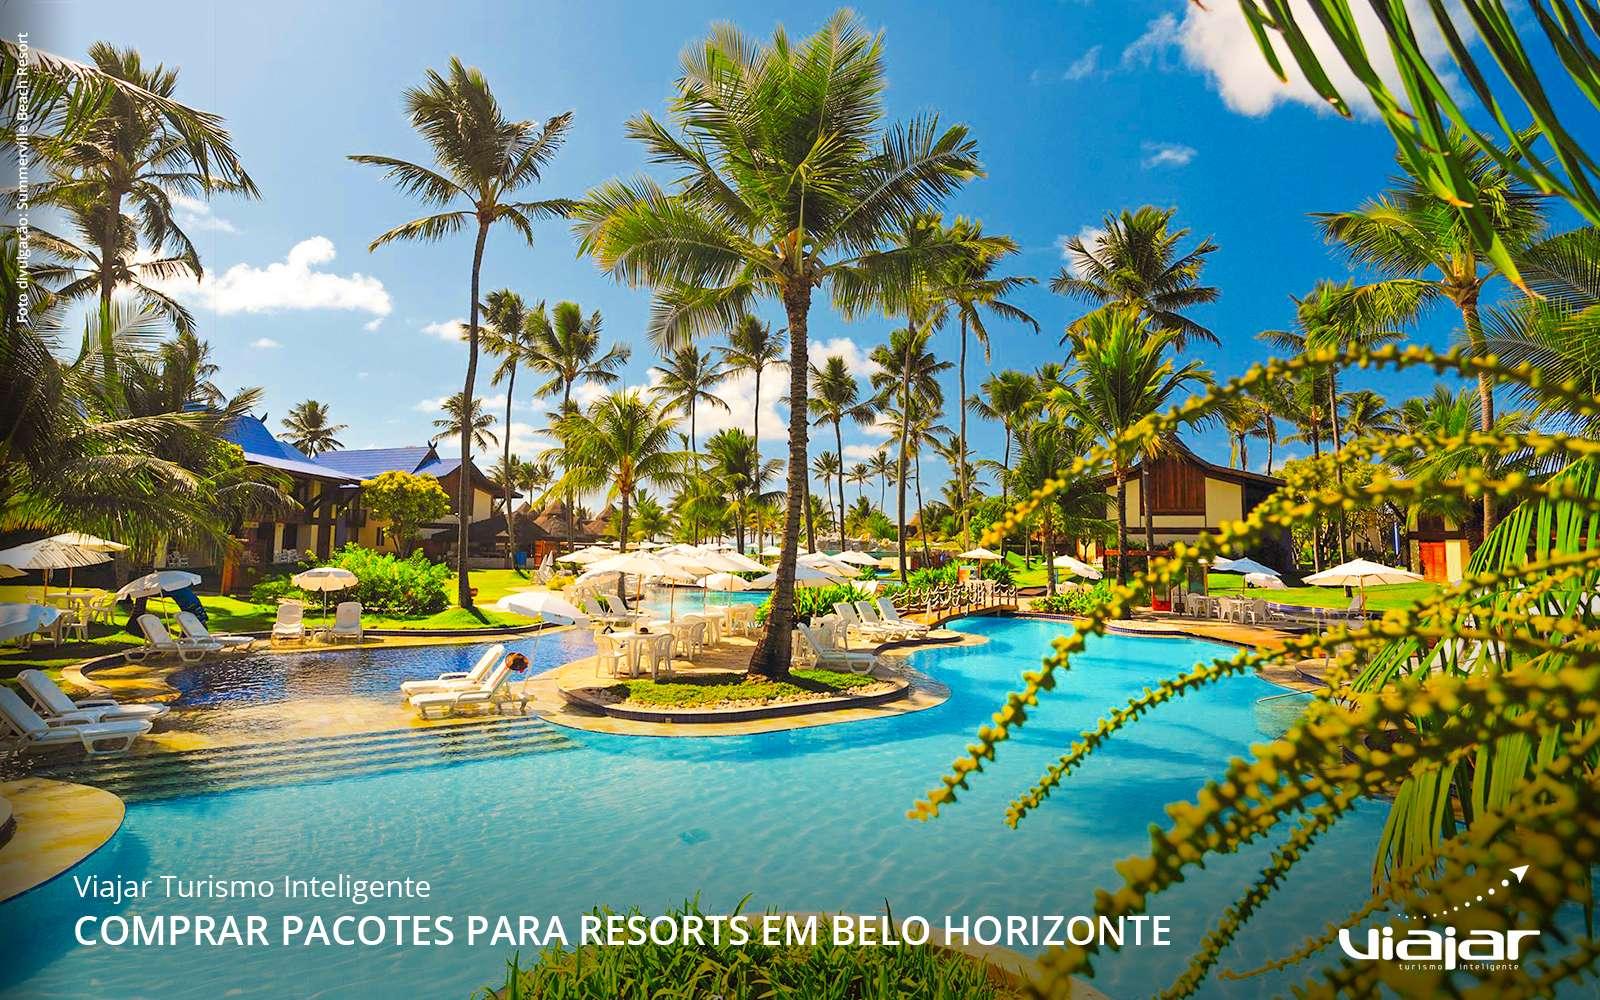 viajar-turismo-inteligente-comprar-pacotes-resorts-belo-horizonte-minas-gerais-07-1